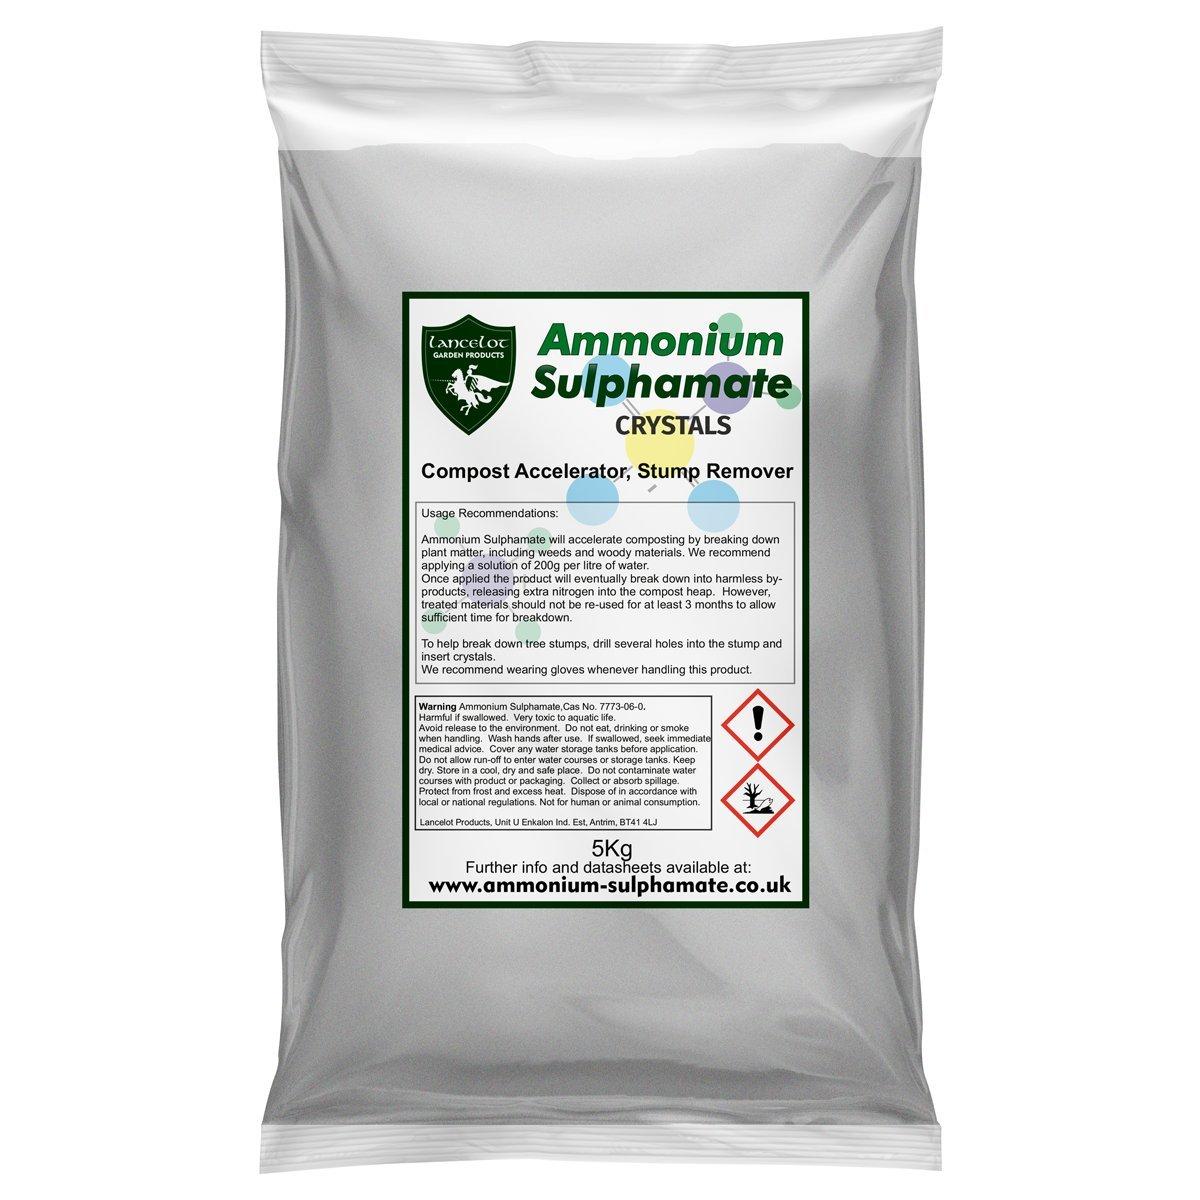 Lancelot Ammonium Sulphamate 5Kg R&D Laboratories Ltd